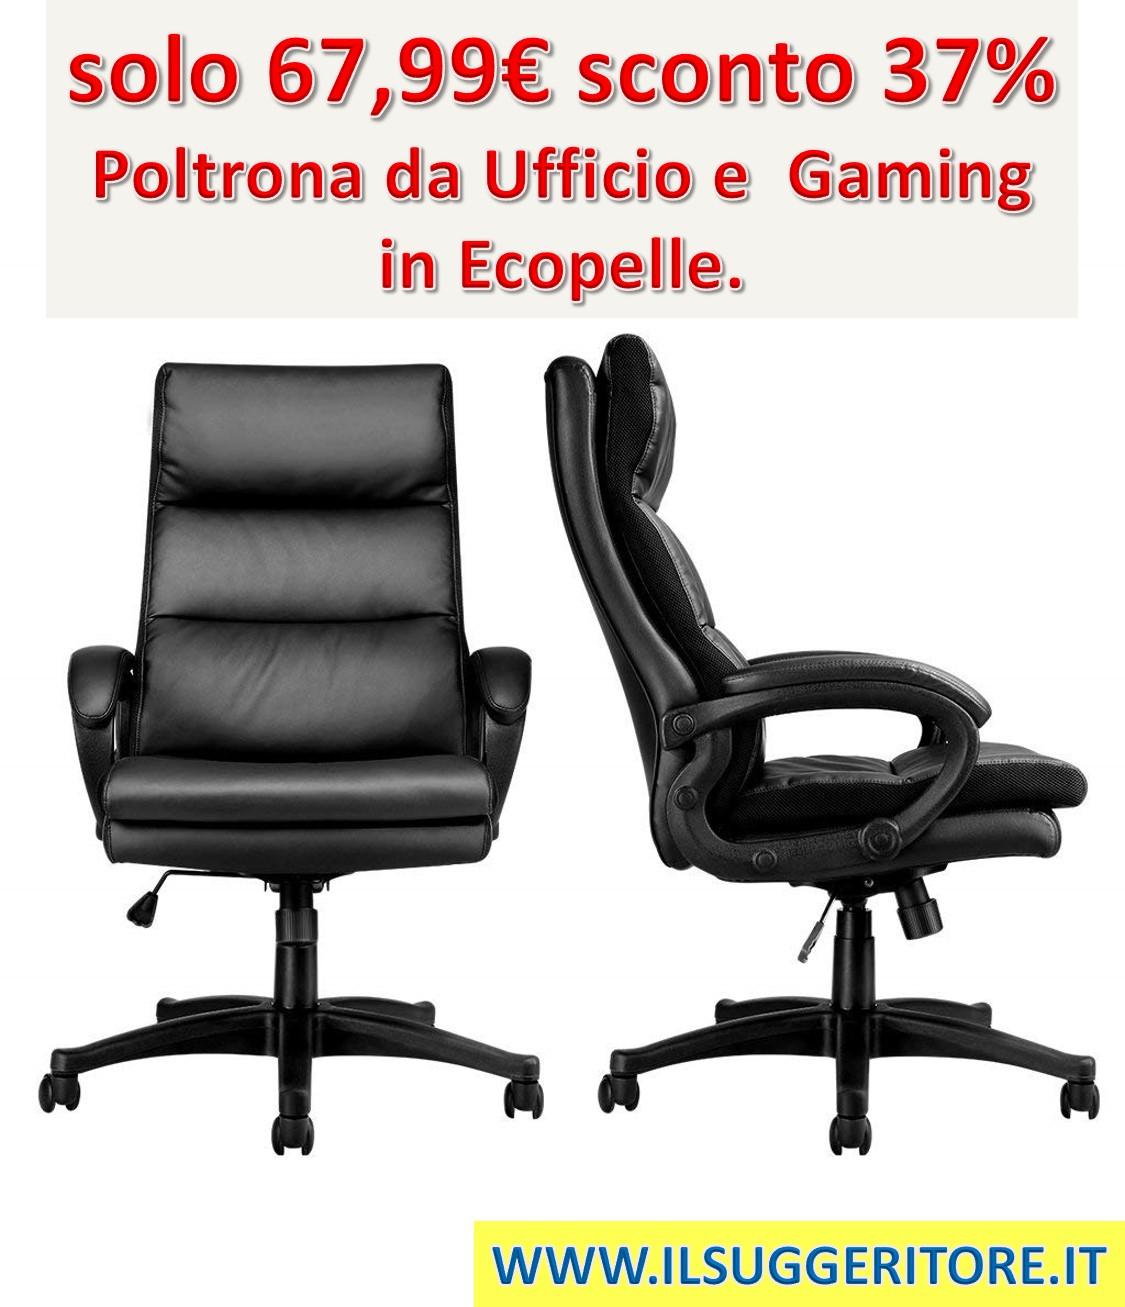 Sedie Ufficio In Offerta.Poltrona Da Ufficio E Gaming In Ecopelle Coupon Segreto Sconto 37 Il Suggeritore